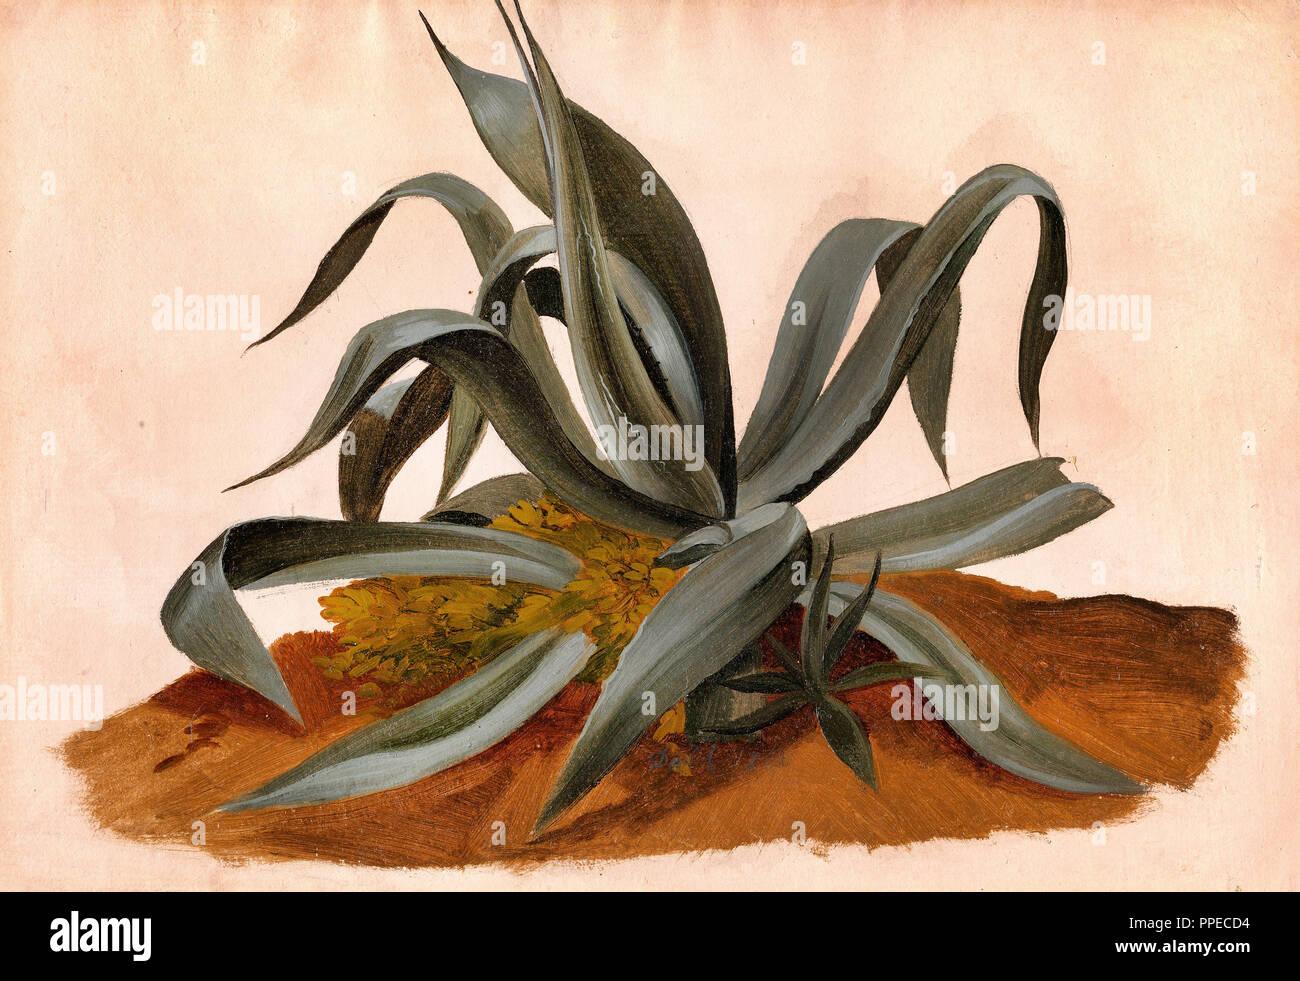 Johan Christian Dahl - Étude d'un agave 1820 Huile sur toile. Galerie nationale de la Norvège, Oslo, Norvège. Photo Stock